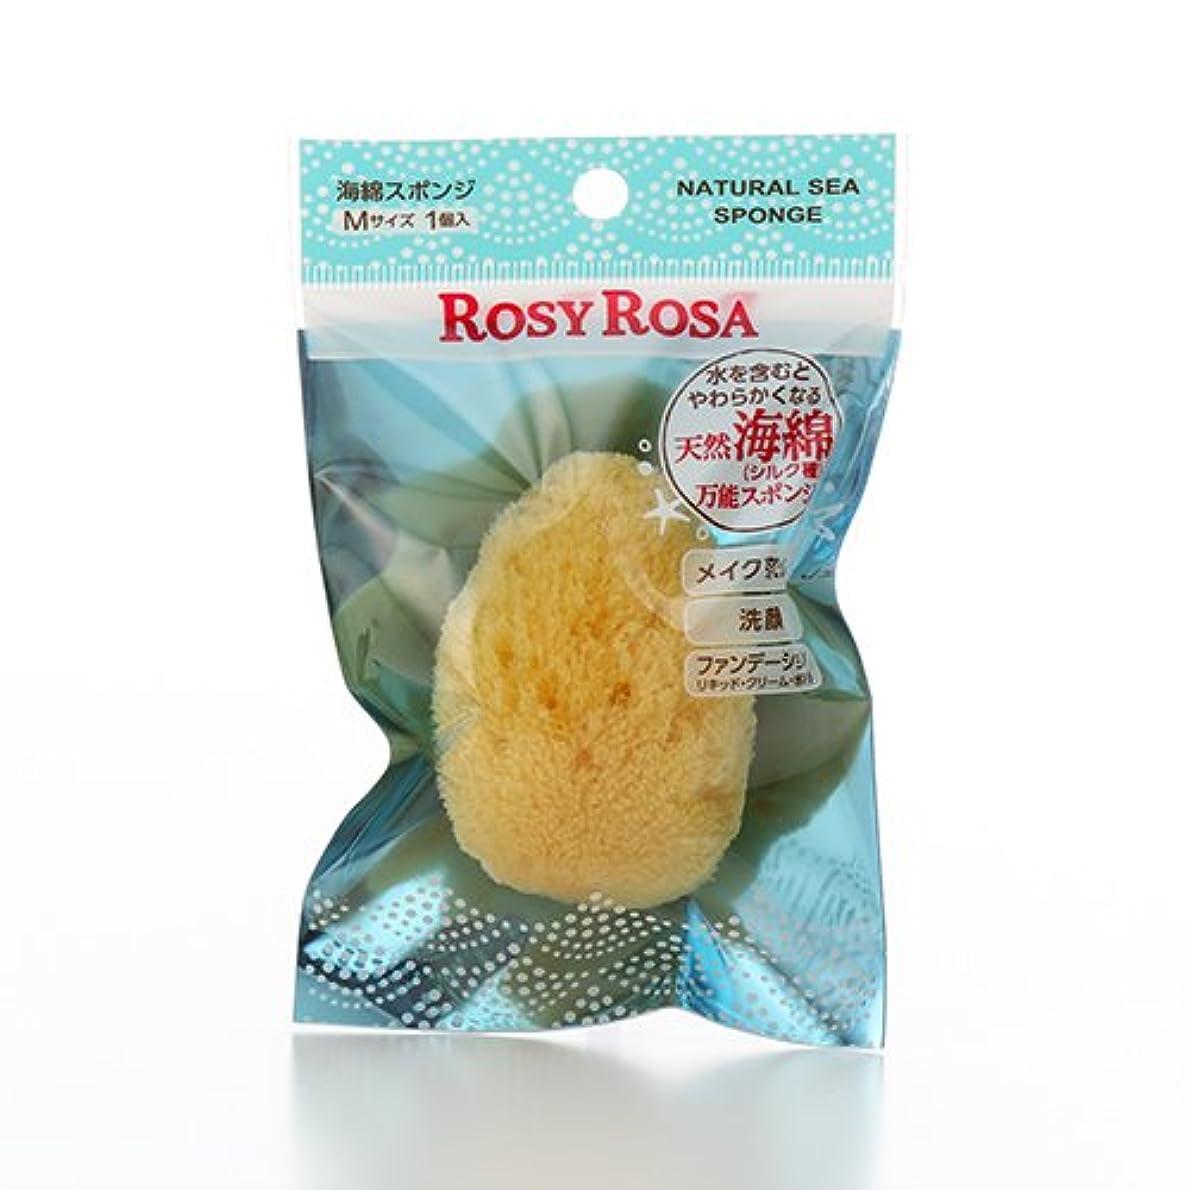 悪いパンサー慣習ロージーローザ 天然海綿スポンジ Mサイズ 1個入 【水を含むとやわらかくなる天然海綿(シルク種) メイク落とし、洗顔、ファンデーションに】